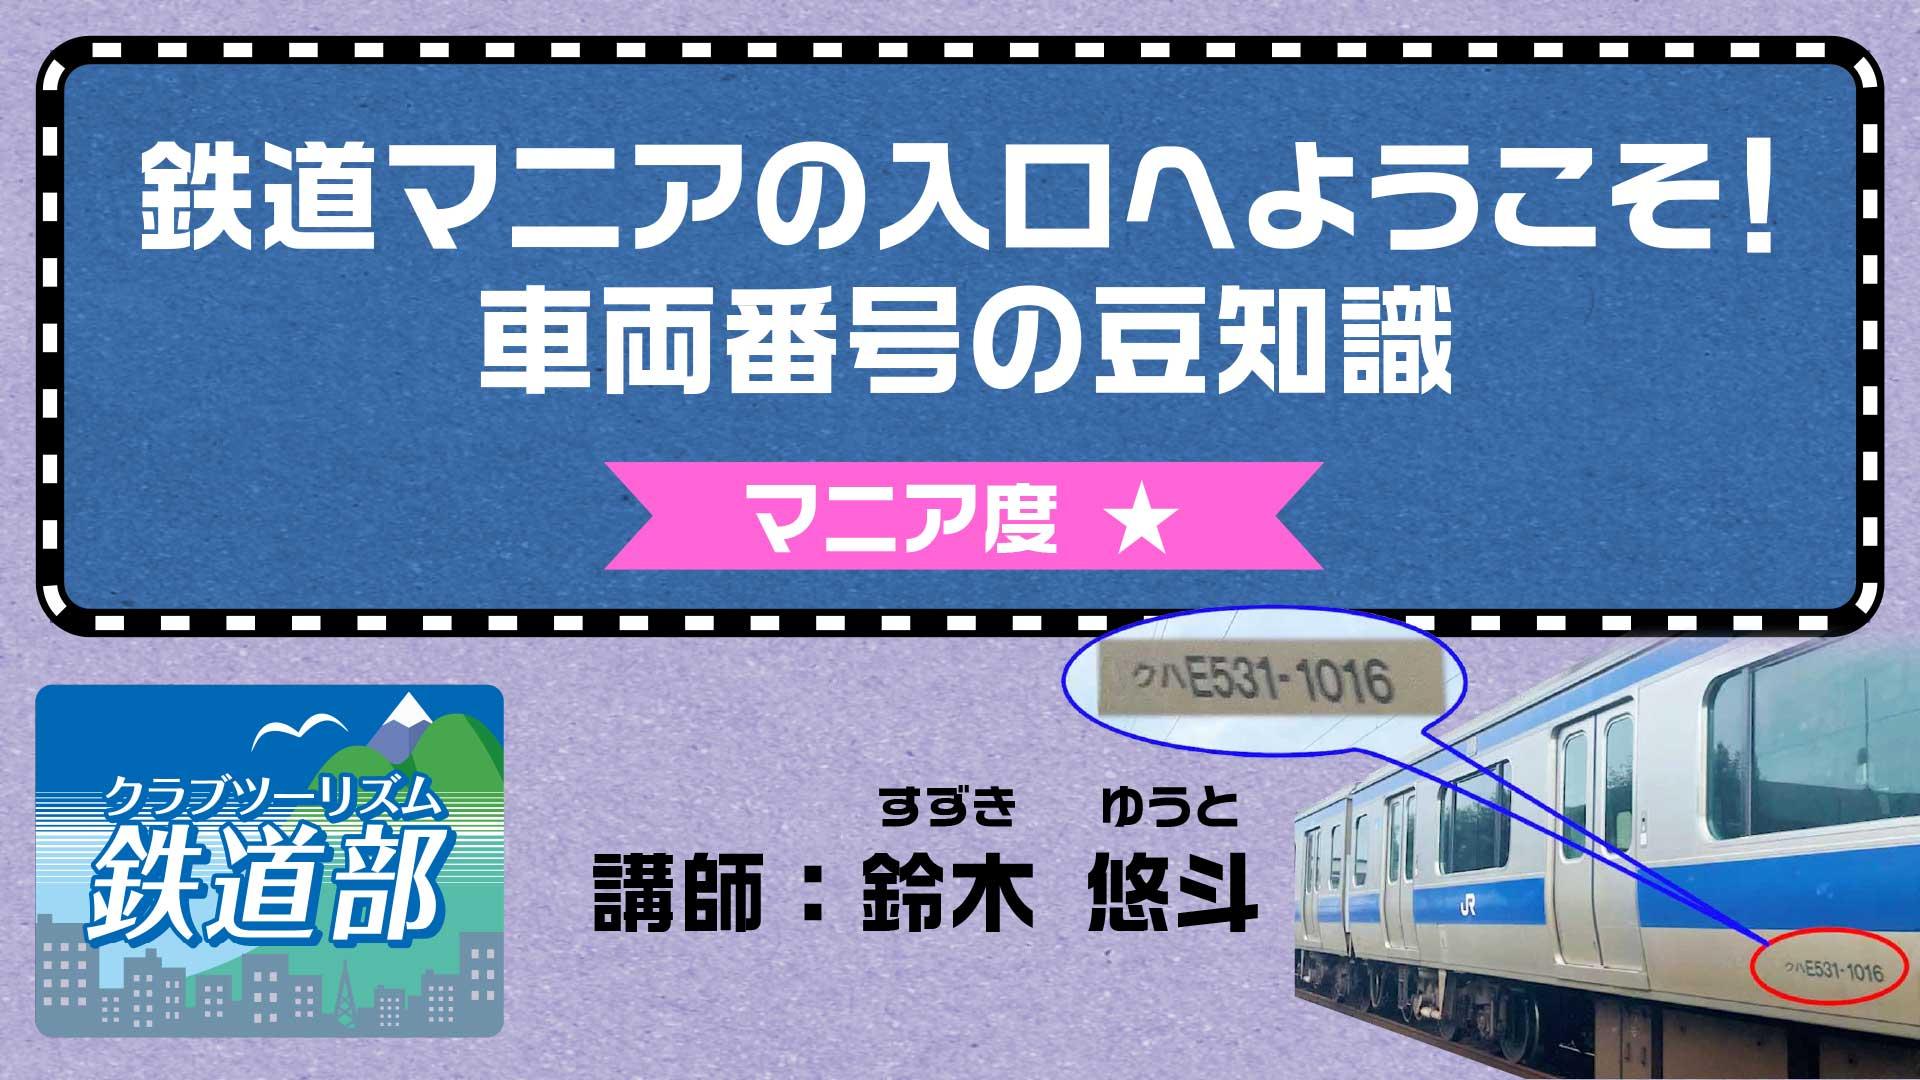 ★NEW★【鉄道】鉄道マニアの入口へようこそ!車両番号の豆知識